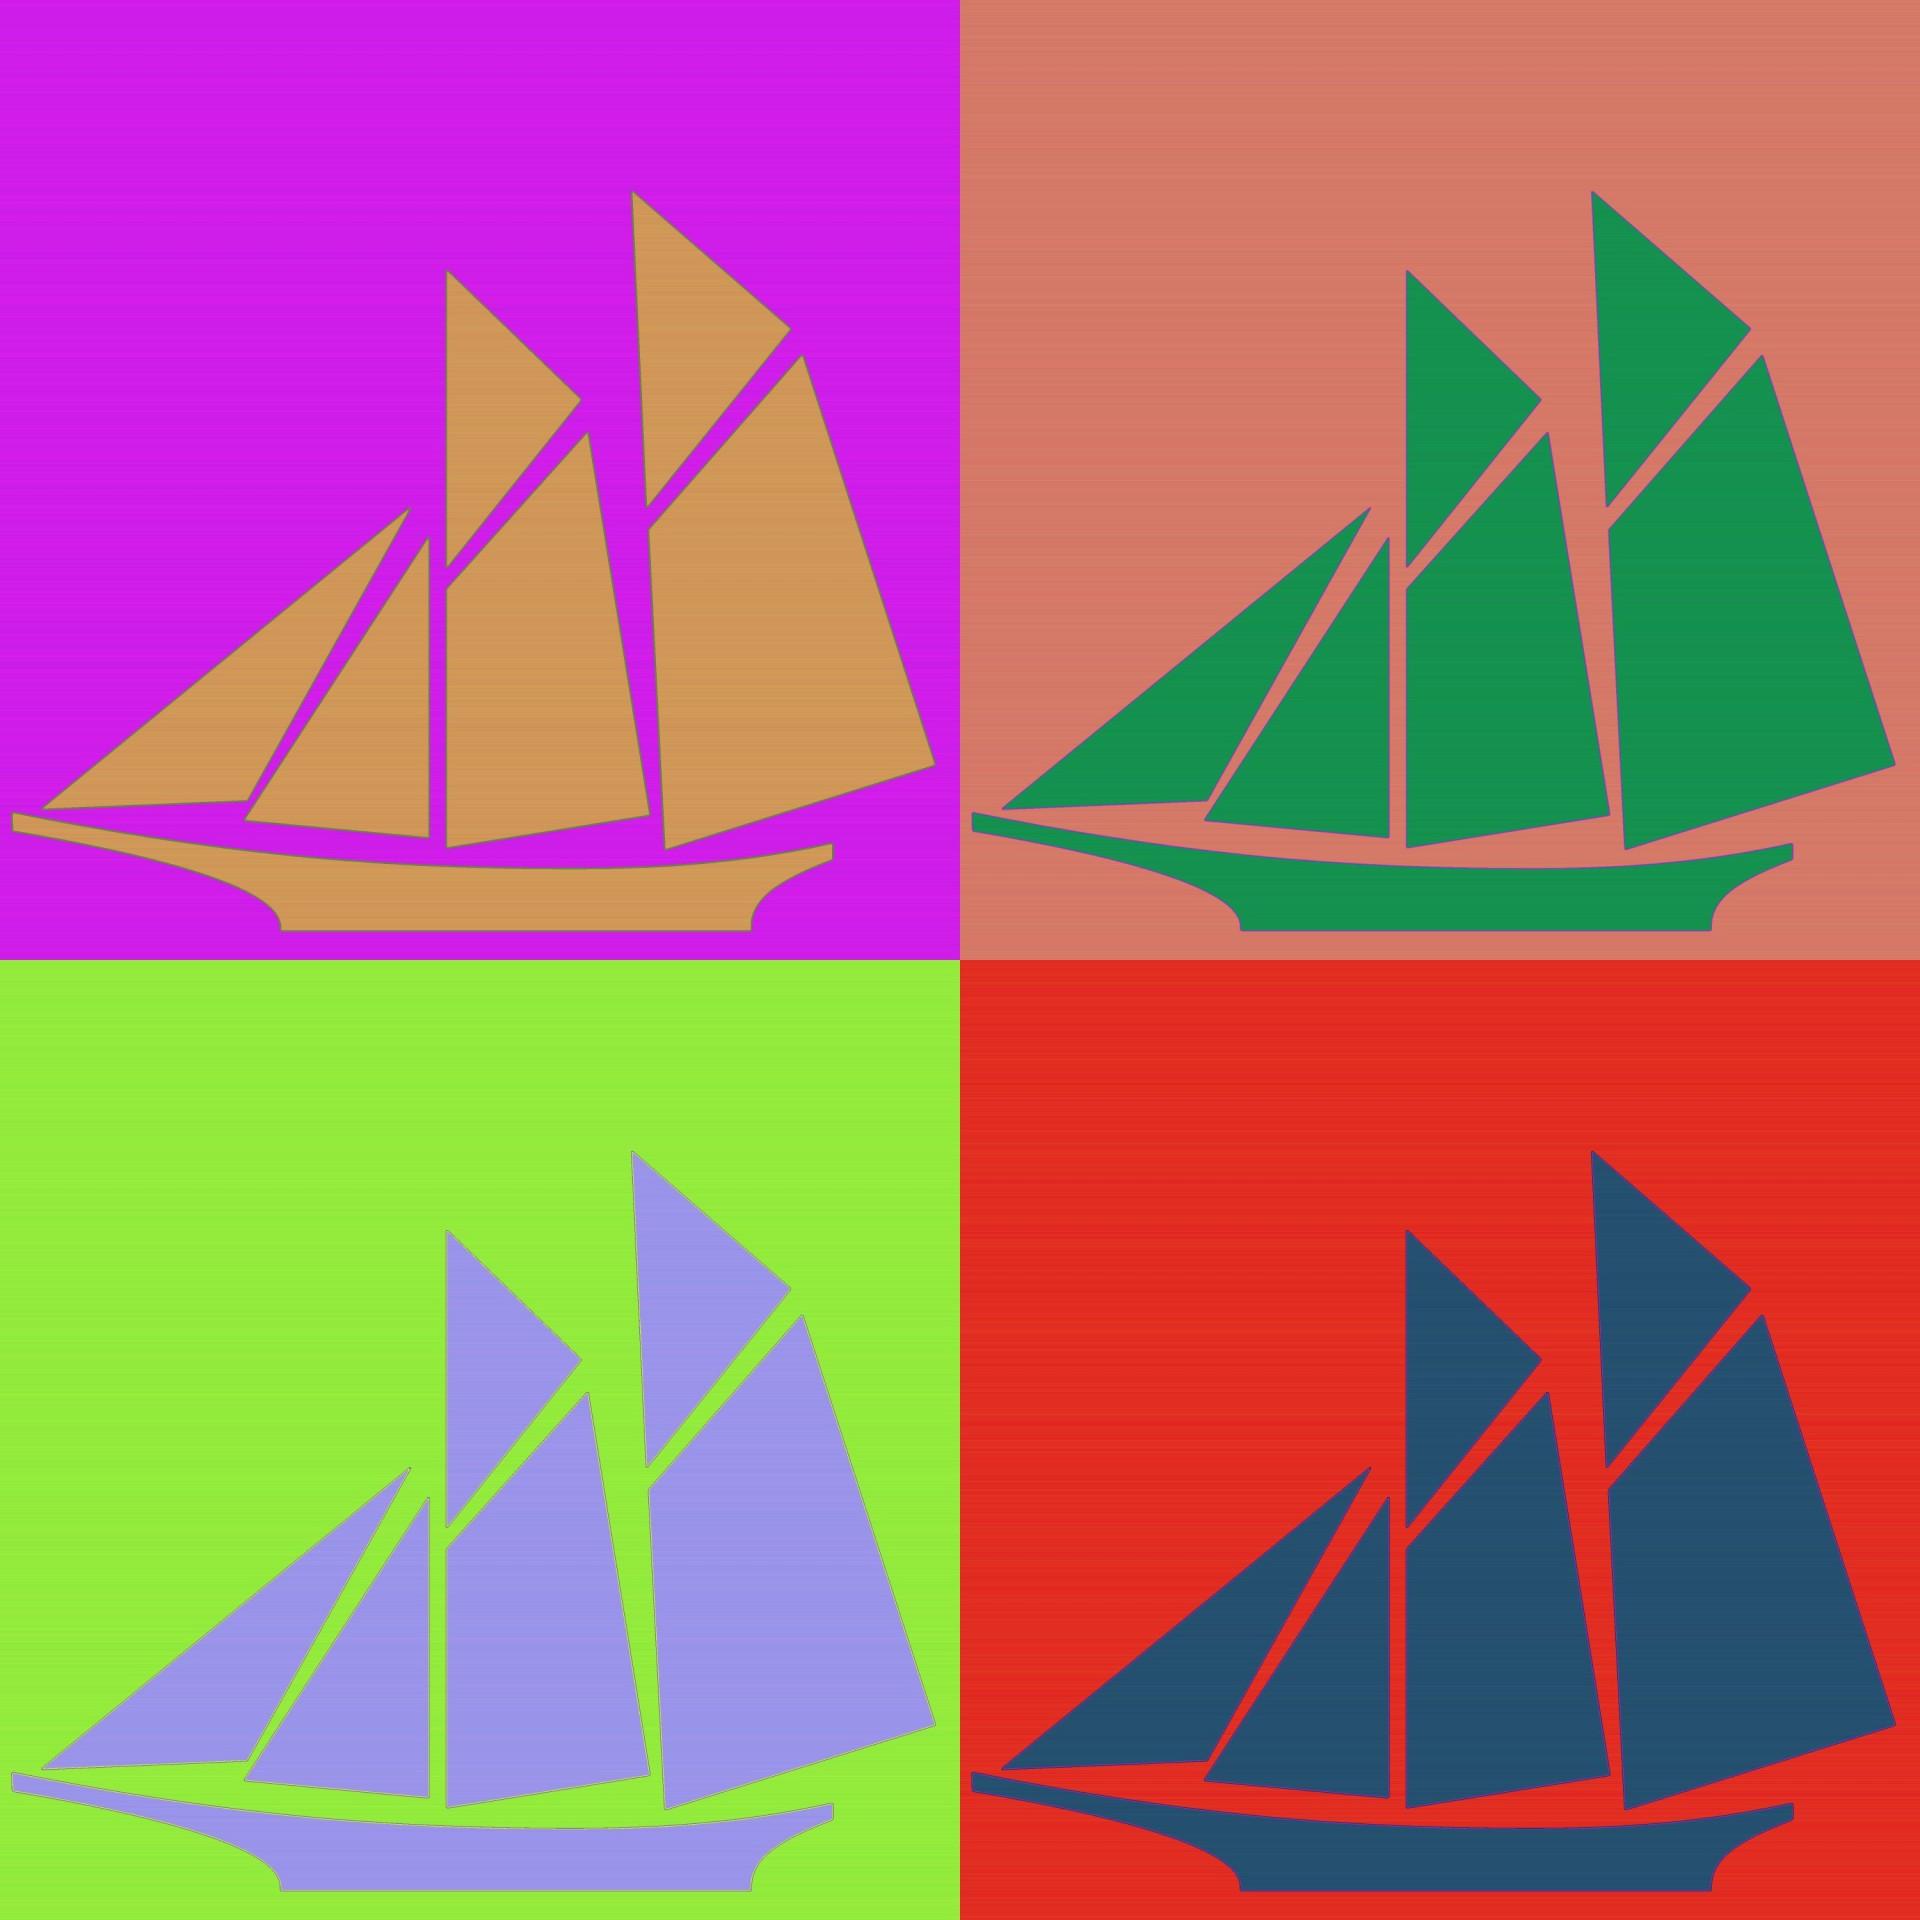 1920x1920 Sailboat Silhouette 2 Free Stock Photo